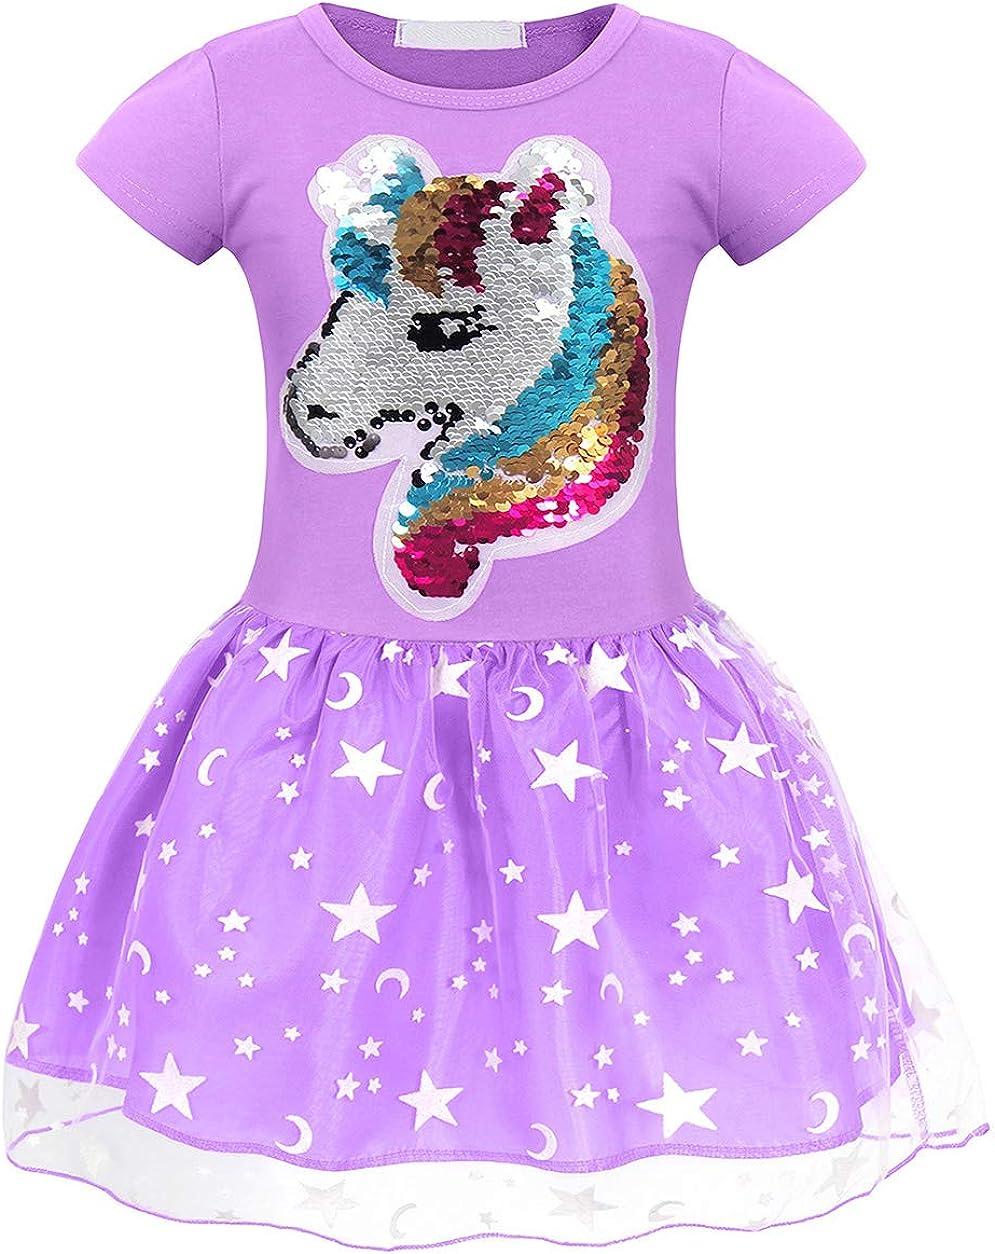 AmzBarley Vestido Princesa de Unicornio Fiesta Ni/ña Tutu para Cosply Cumplea/ños,Disfraz Tutu Princesa Unicornio Infantil Ni/ña /…